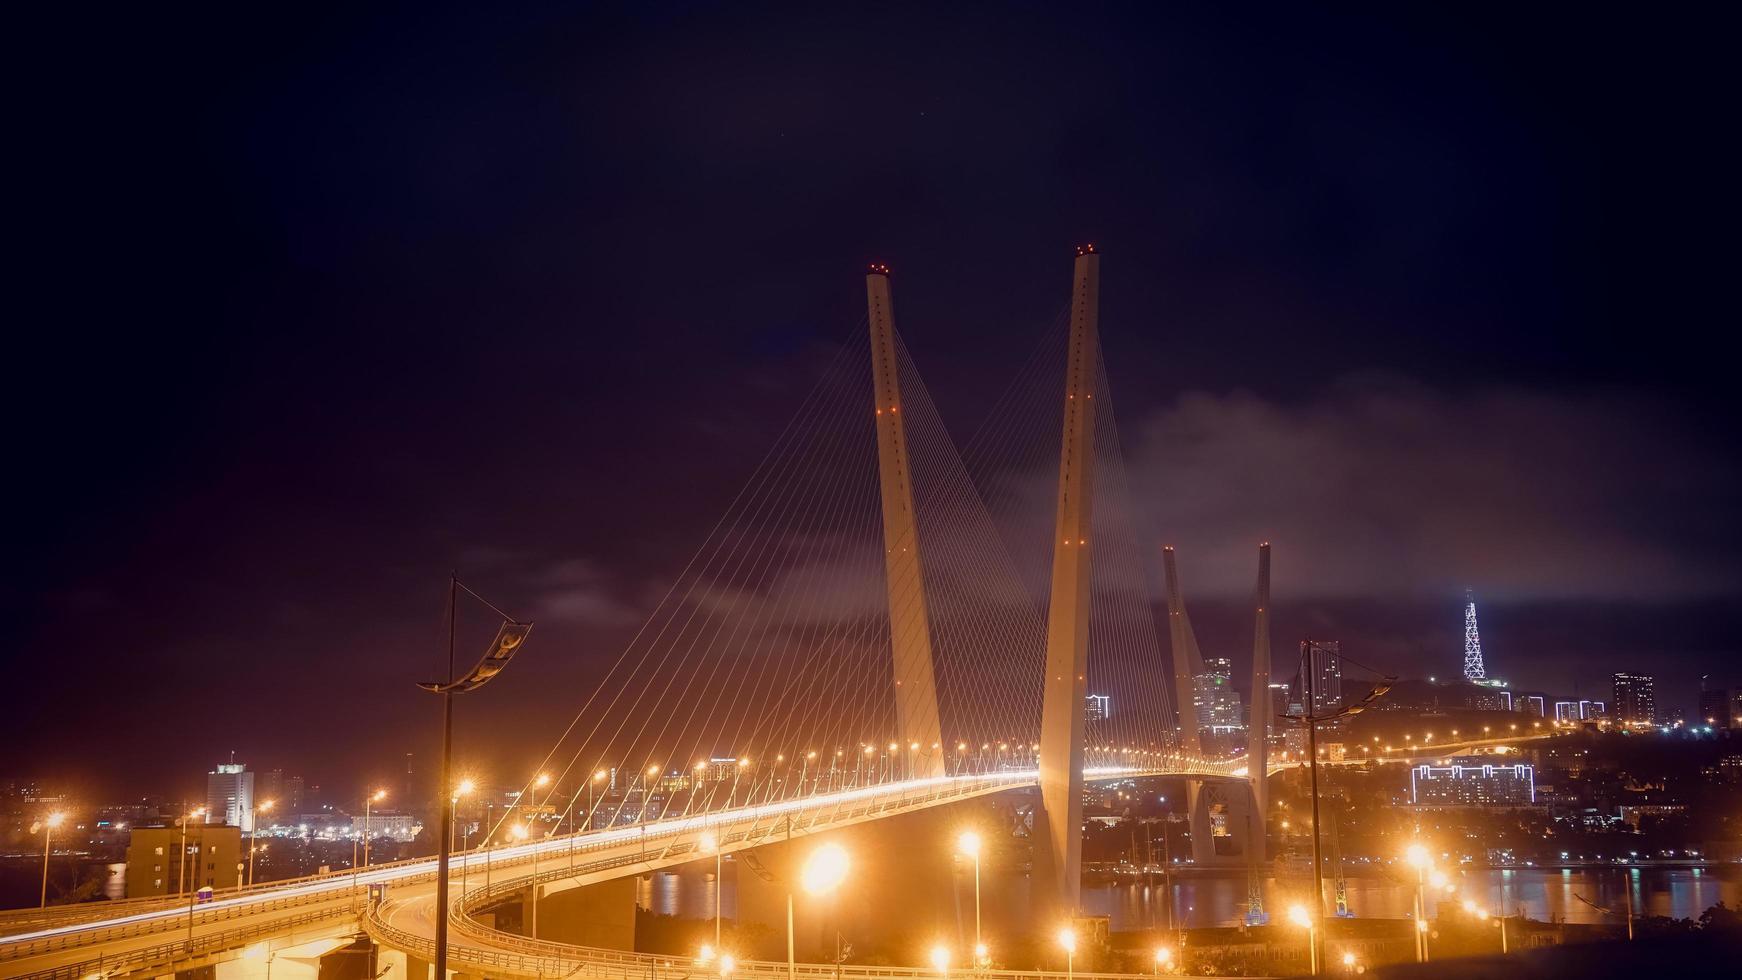 paysage de nuit avec vue sur le pont d'or. photo